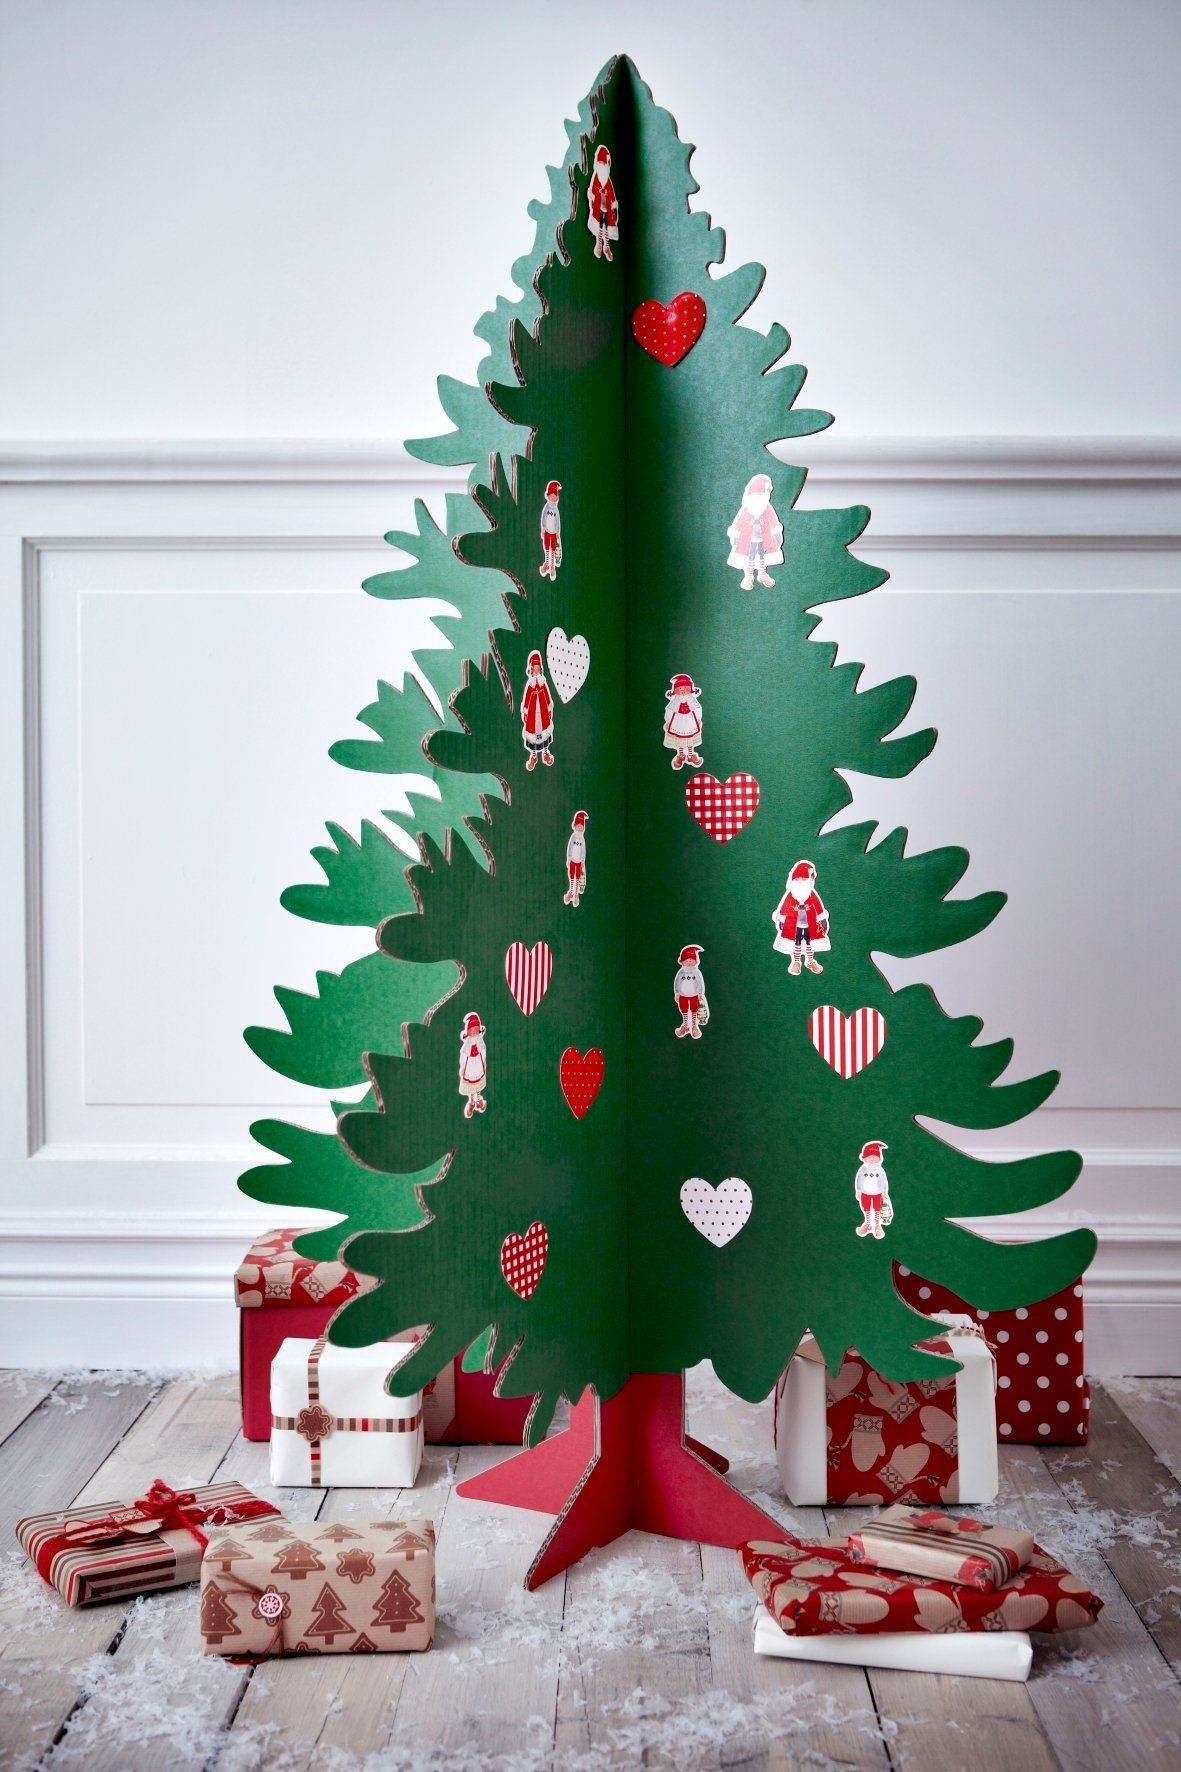 Popolare 6 originali decorazioni di Natale per la camera dei bambini | Bigodino UF21